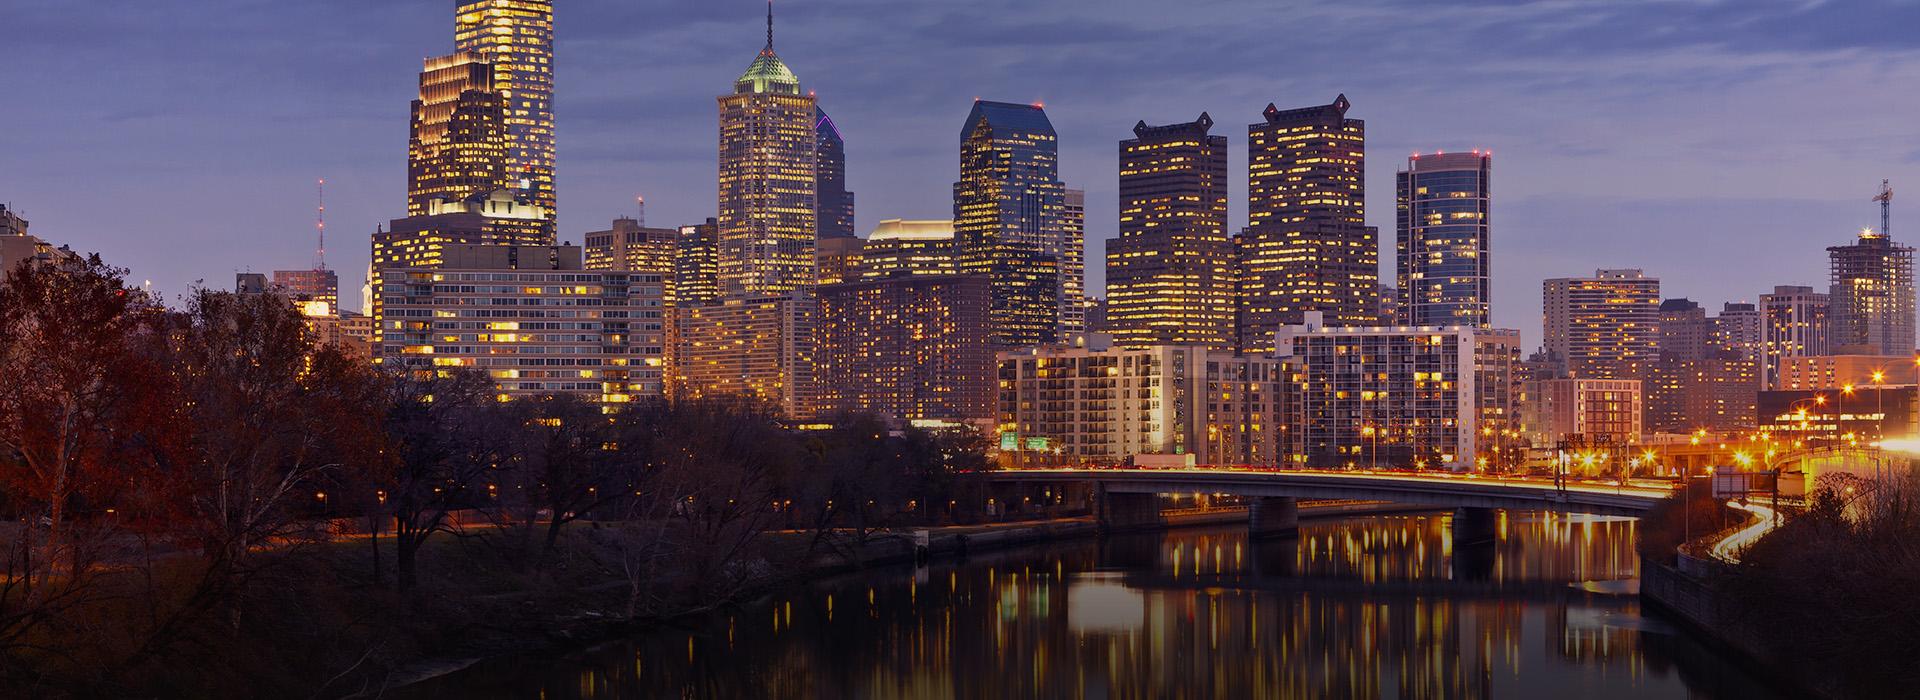 Hoelang Is Het Vliegen Naar Philadelphia Verenigde Staten